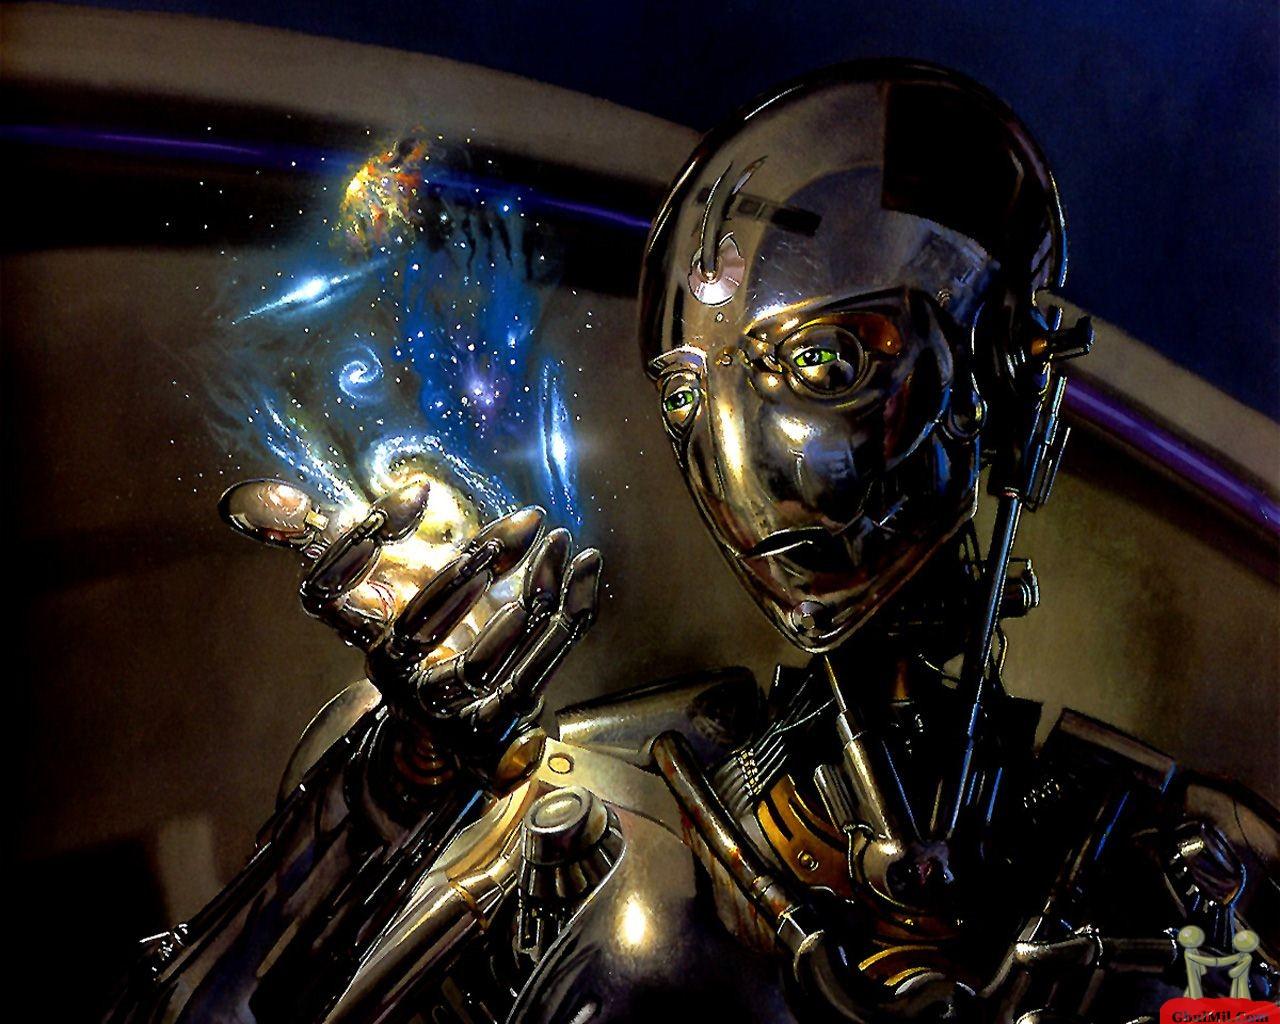 3D Robot With Blue Glass HD Wallpaper E Entertainment 1280x1024